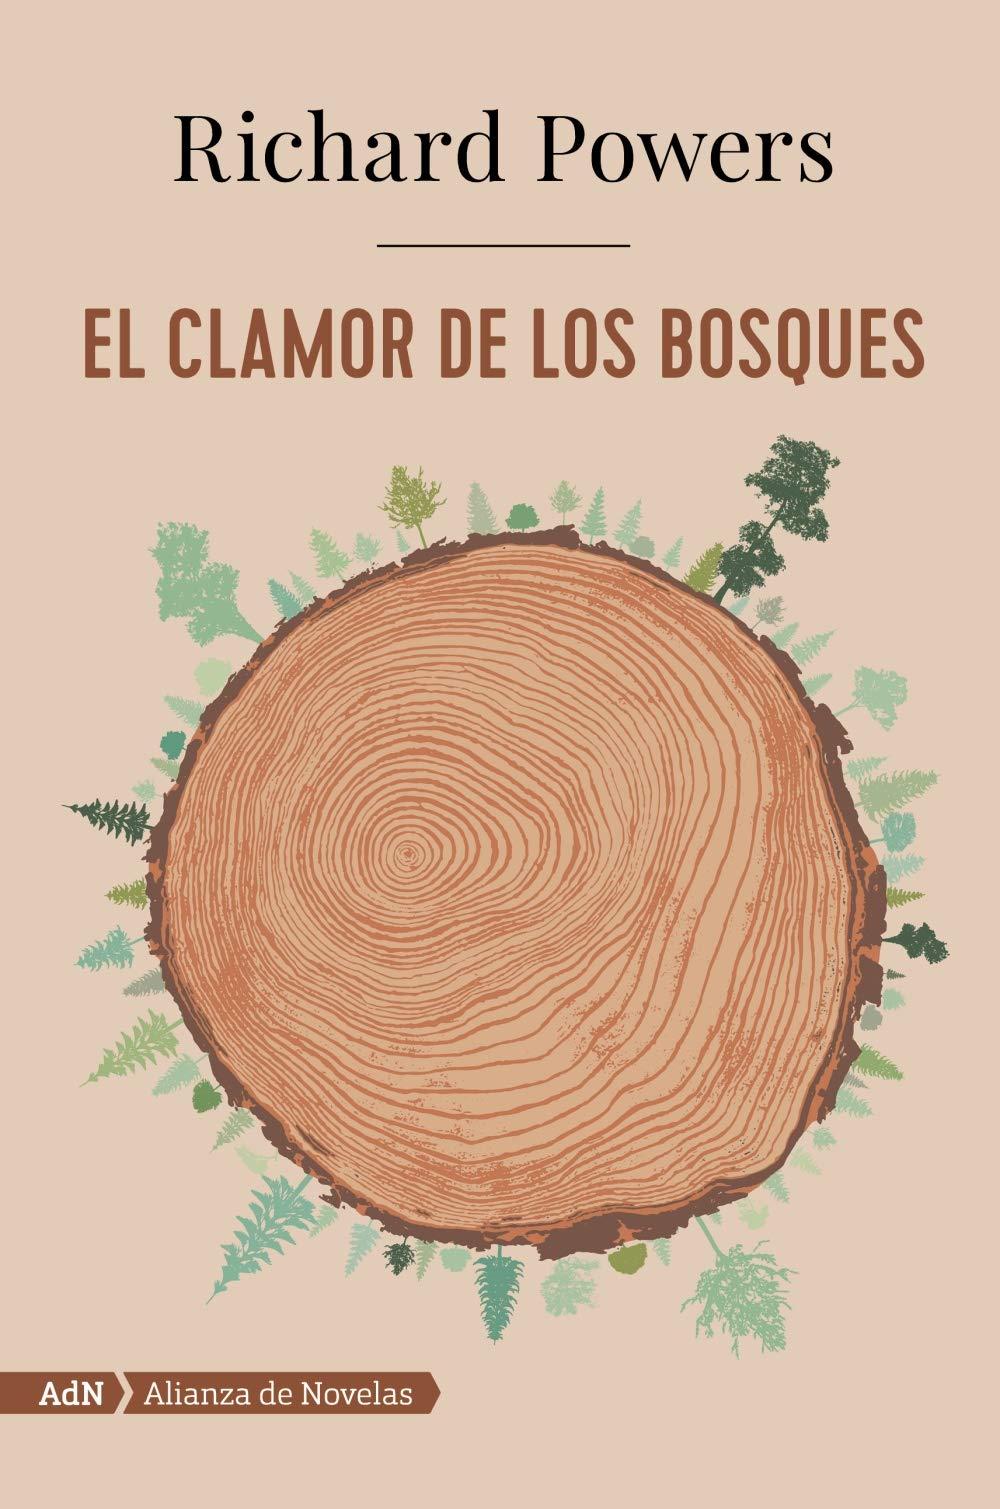 El clamor de los bosques AdN Adn Alianza De Novelas: Amazon.es: Richard  Powers, Teresa Lanero Ladrón de Guevara: Libros